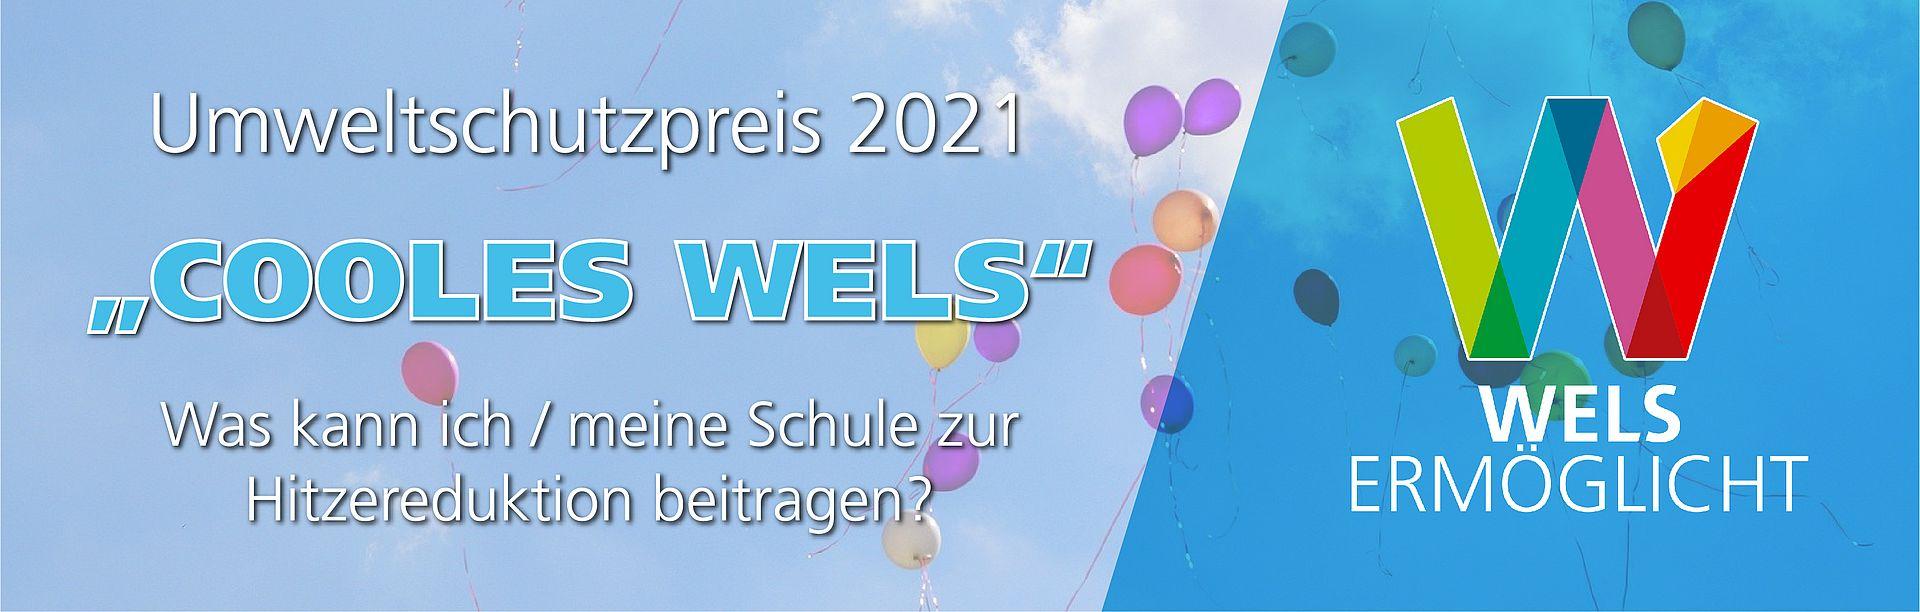 """Umweltschutzpreis 2021 - """"Cooles Wels"""""""